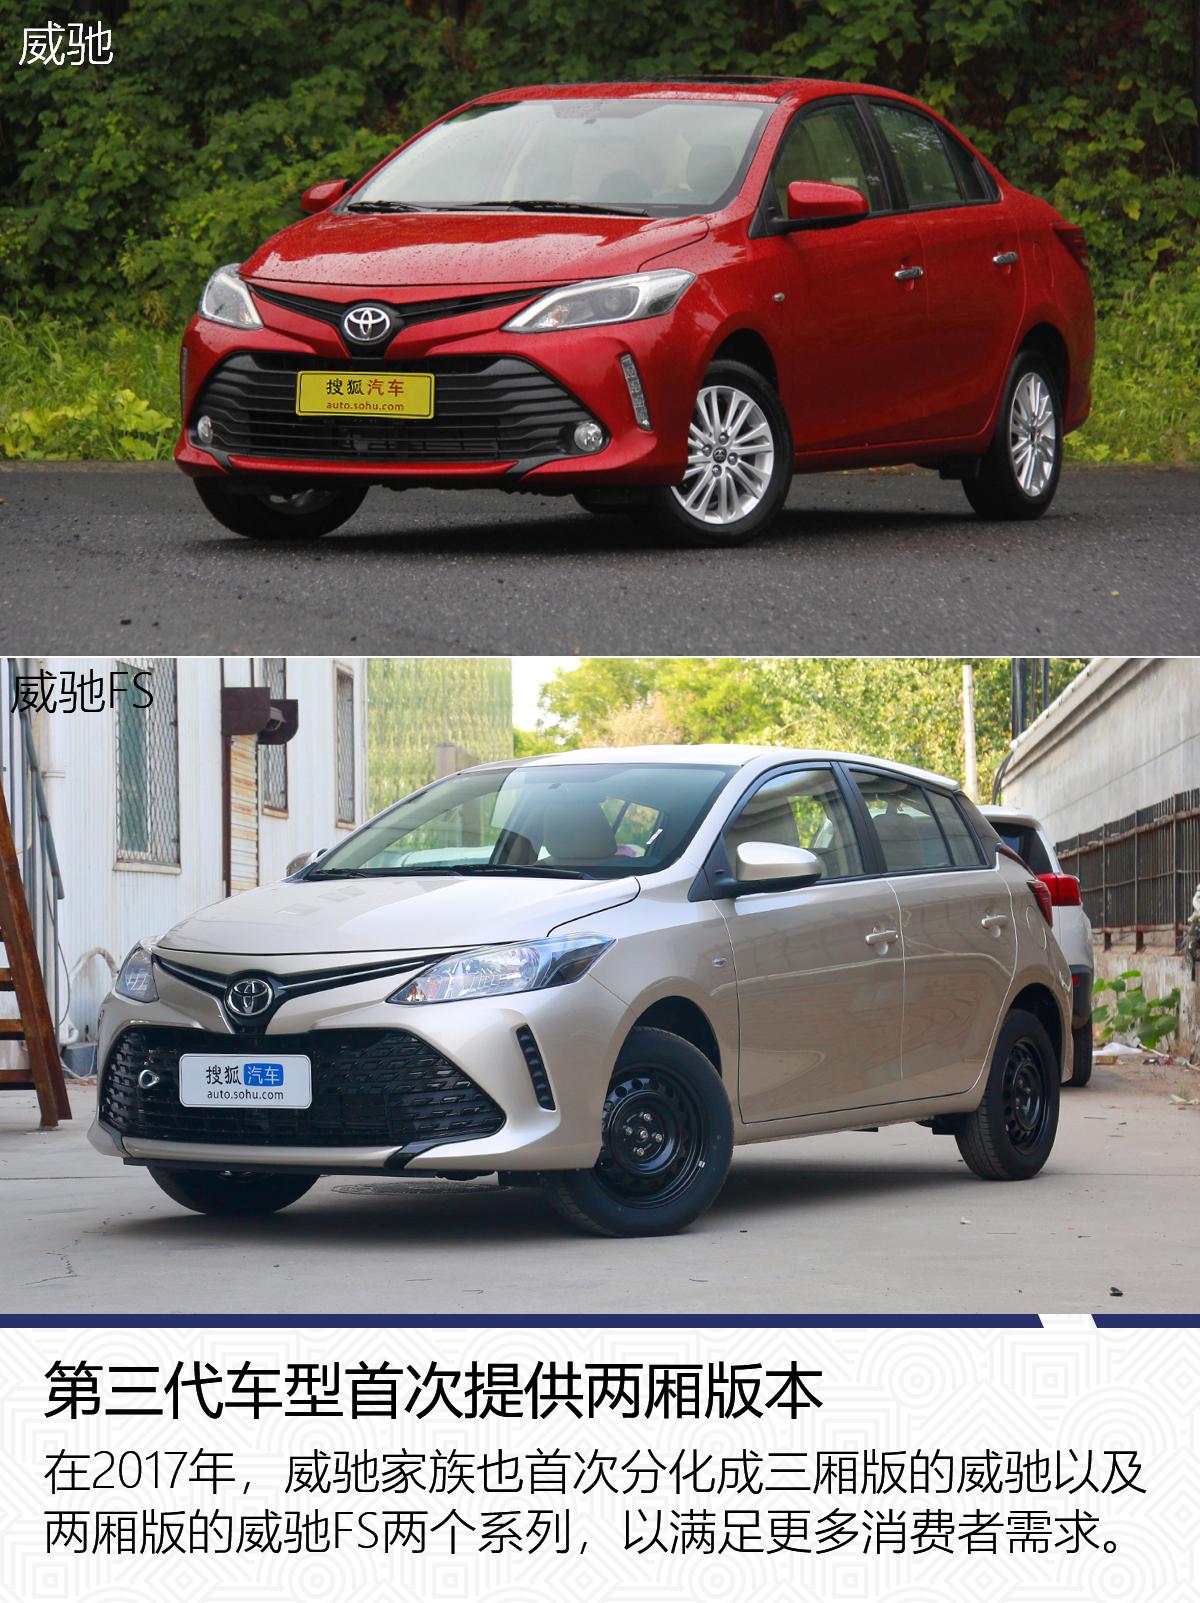 售8.88/9.08万元 一汽丰田威驰FS锋尚版/威驰畅行版上市